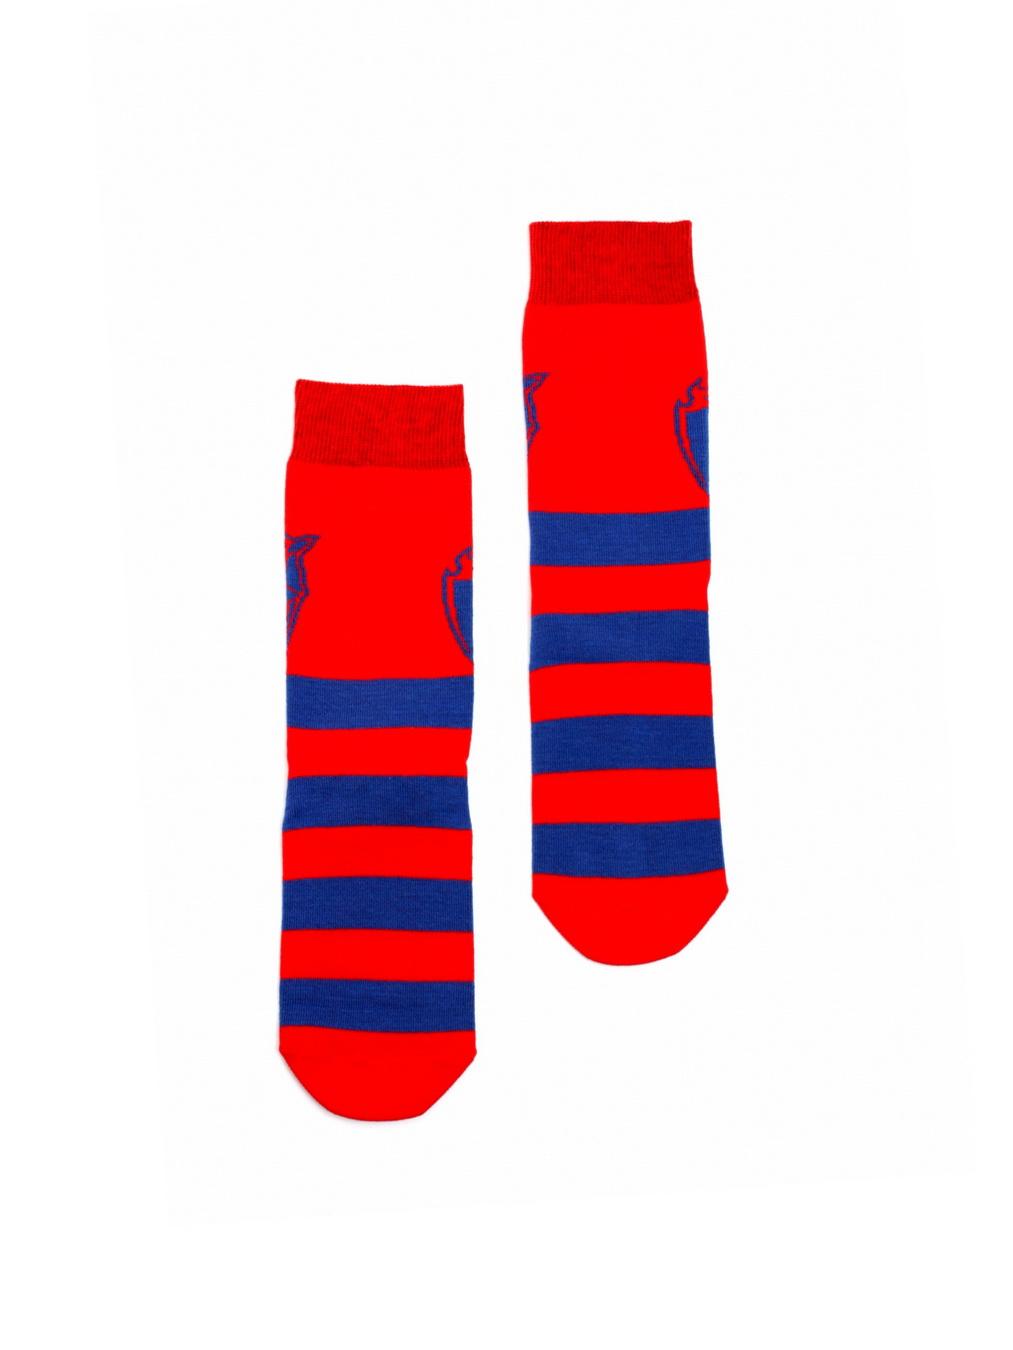 Носки детские Талисман, цвет красно-синий (35-36) фото